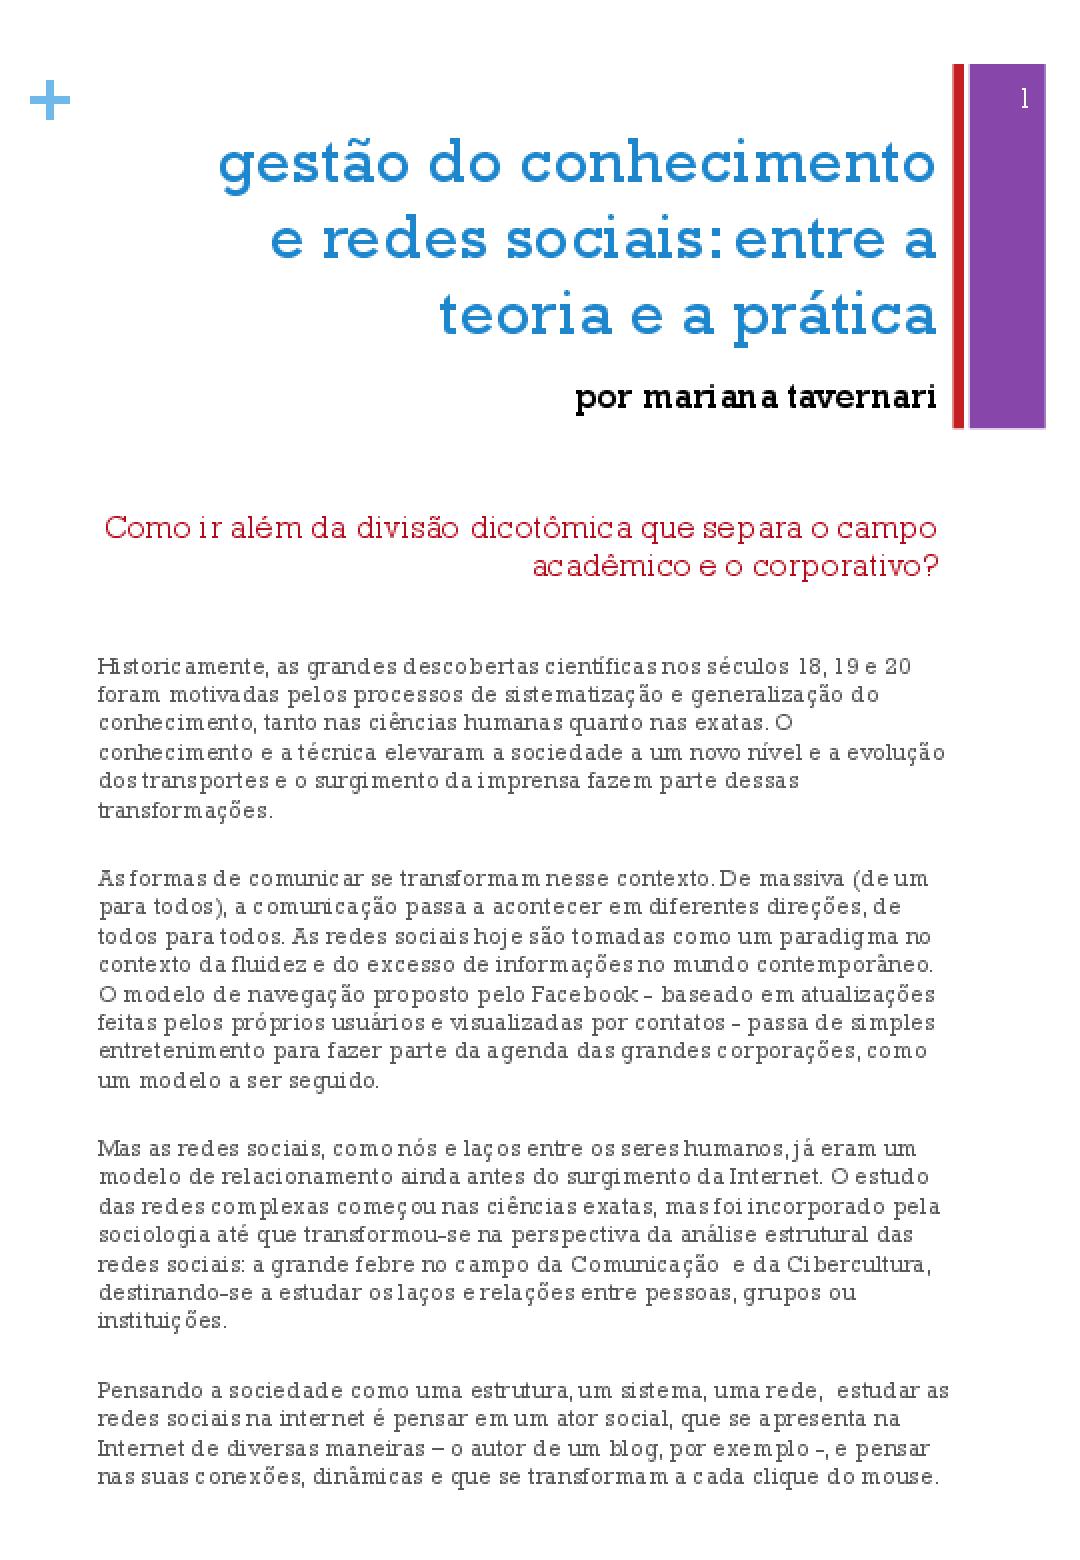 Gestão do conhecimento e redes sociais: entre a teoria e a prática